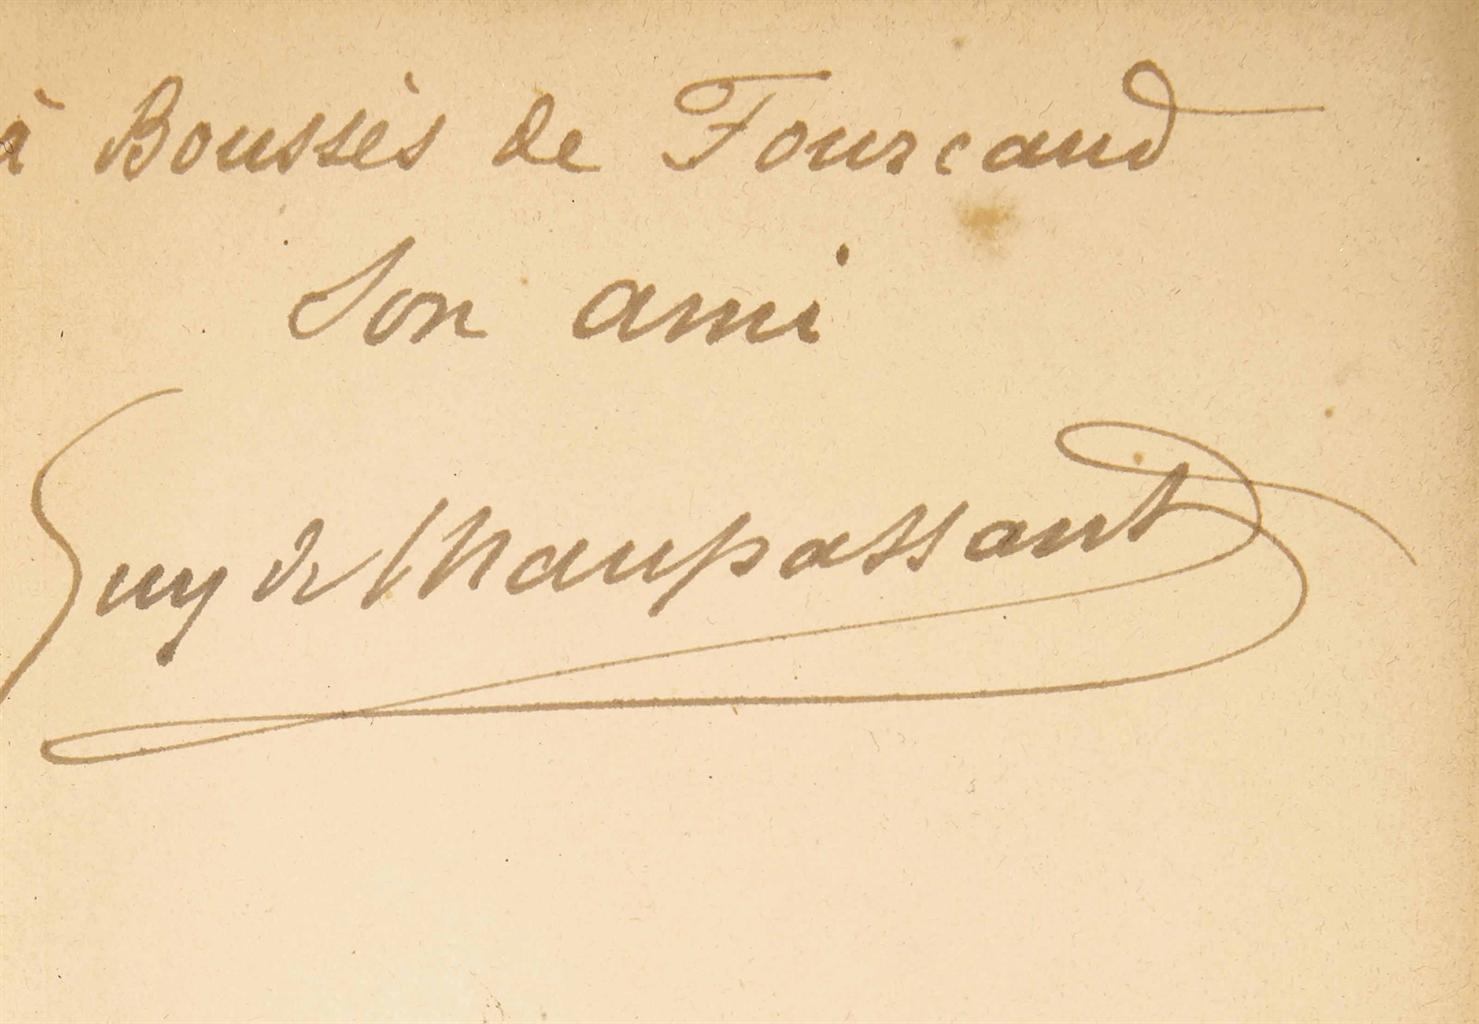 Guy de MAUPASSANT (1850-1893). Des vers. Paris: G. Charpentier, 1880. In-12 (182 x 115 mm). Reliure janséniste signée de Durvand, maroquin bleu ardoise, dos à nerfs, roulette intérieure dorée, tranches dorées, couverture et dos conservés.